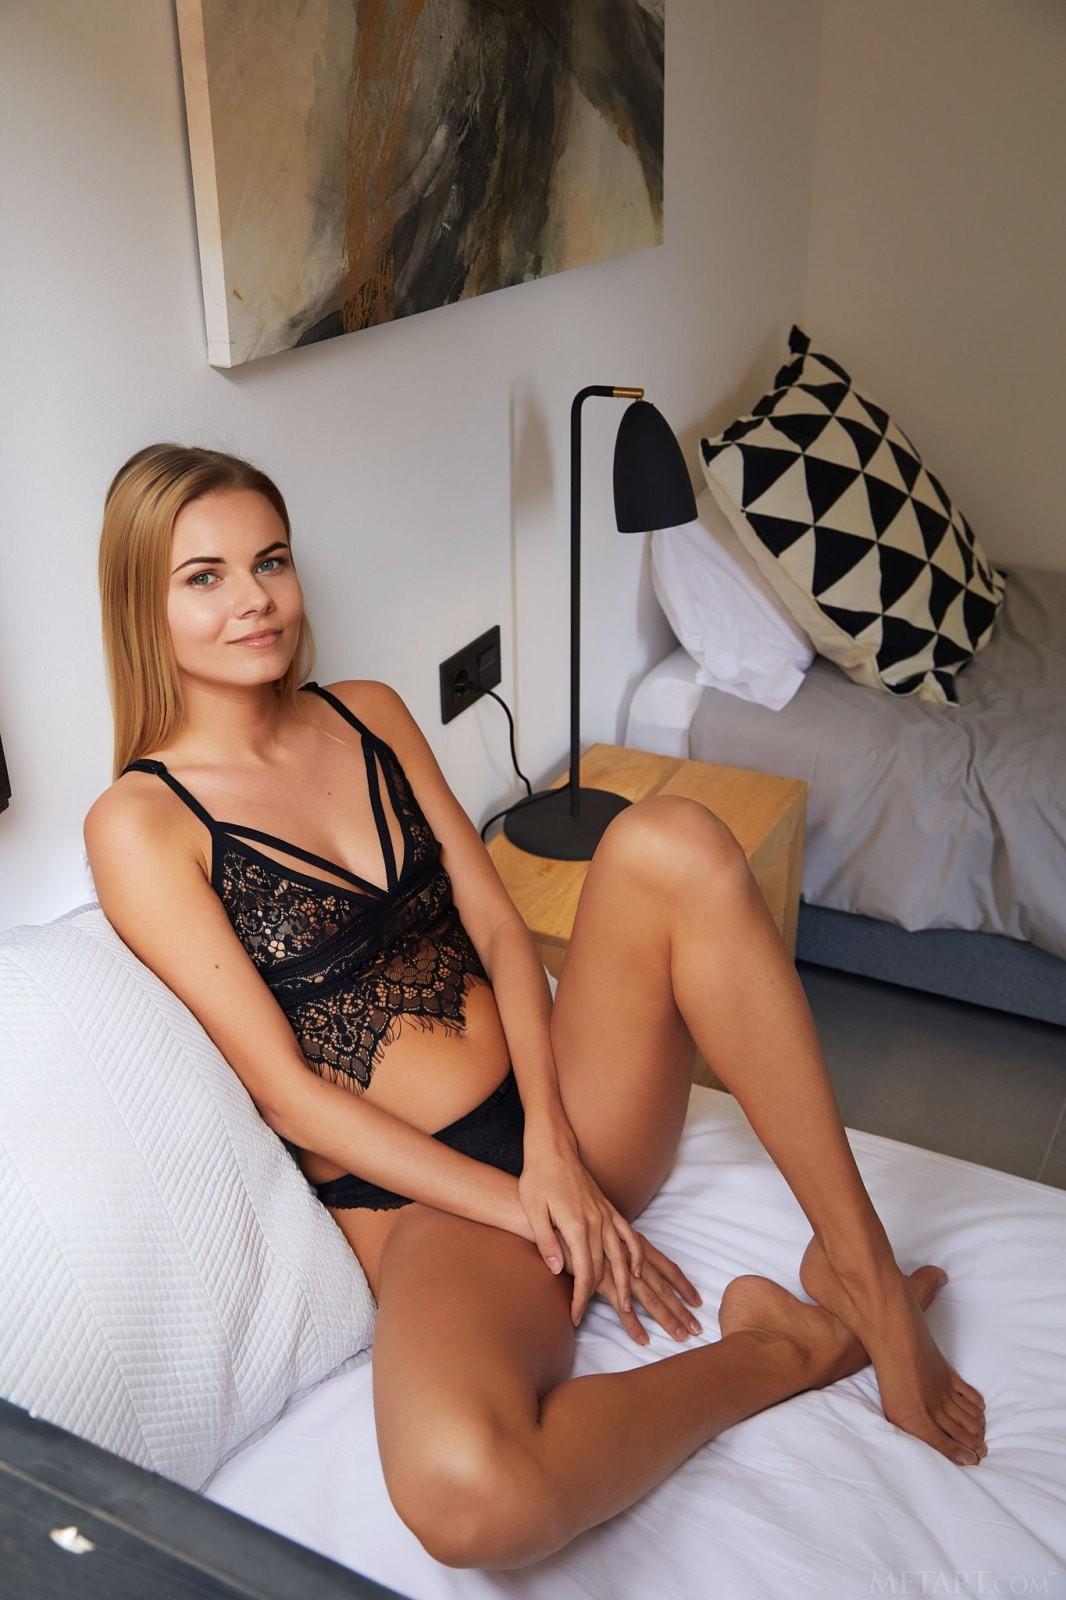 Красивая девушка в нижнем белье в постели - фото